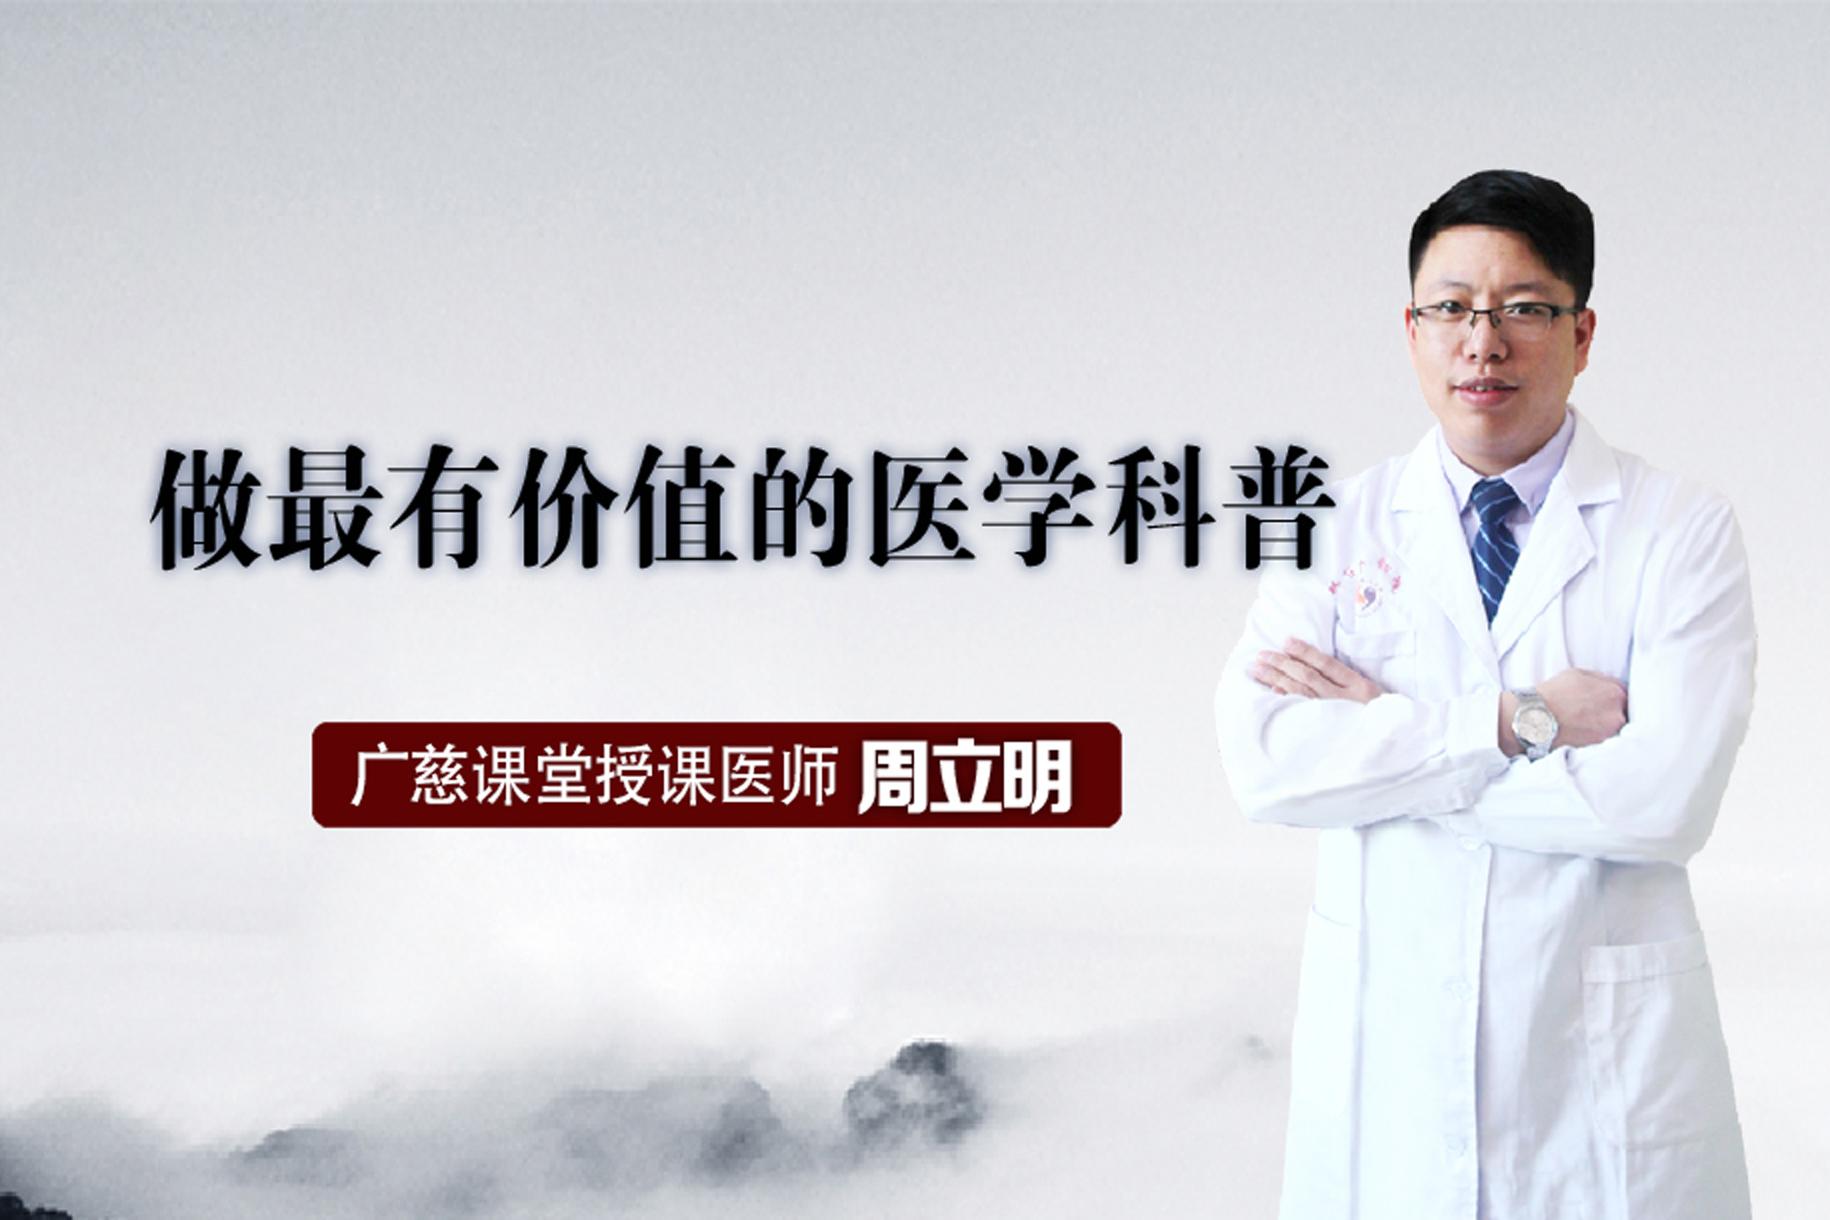 邢台广慈医院主任讲解《精液发黄的影响》